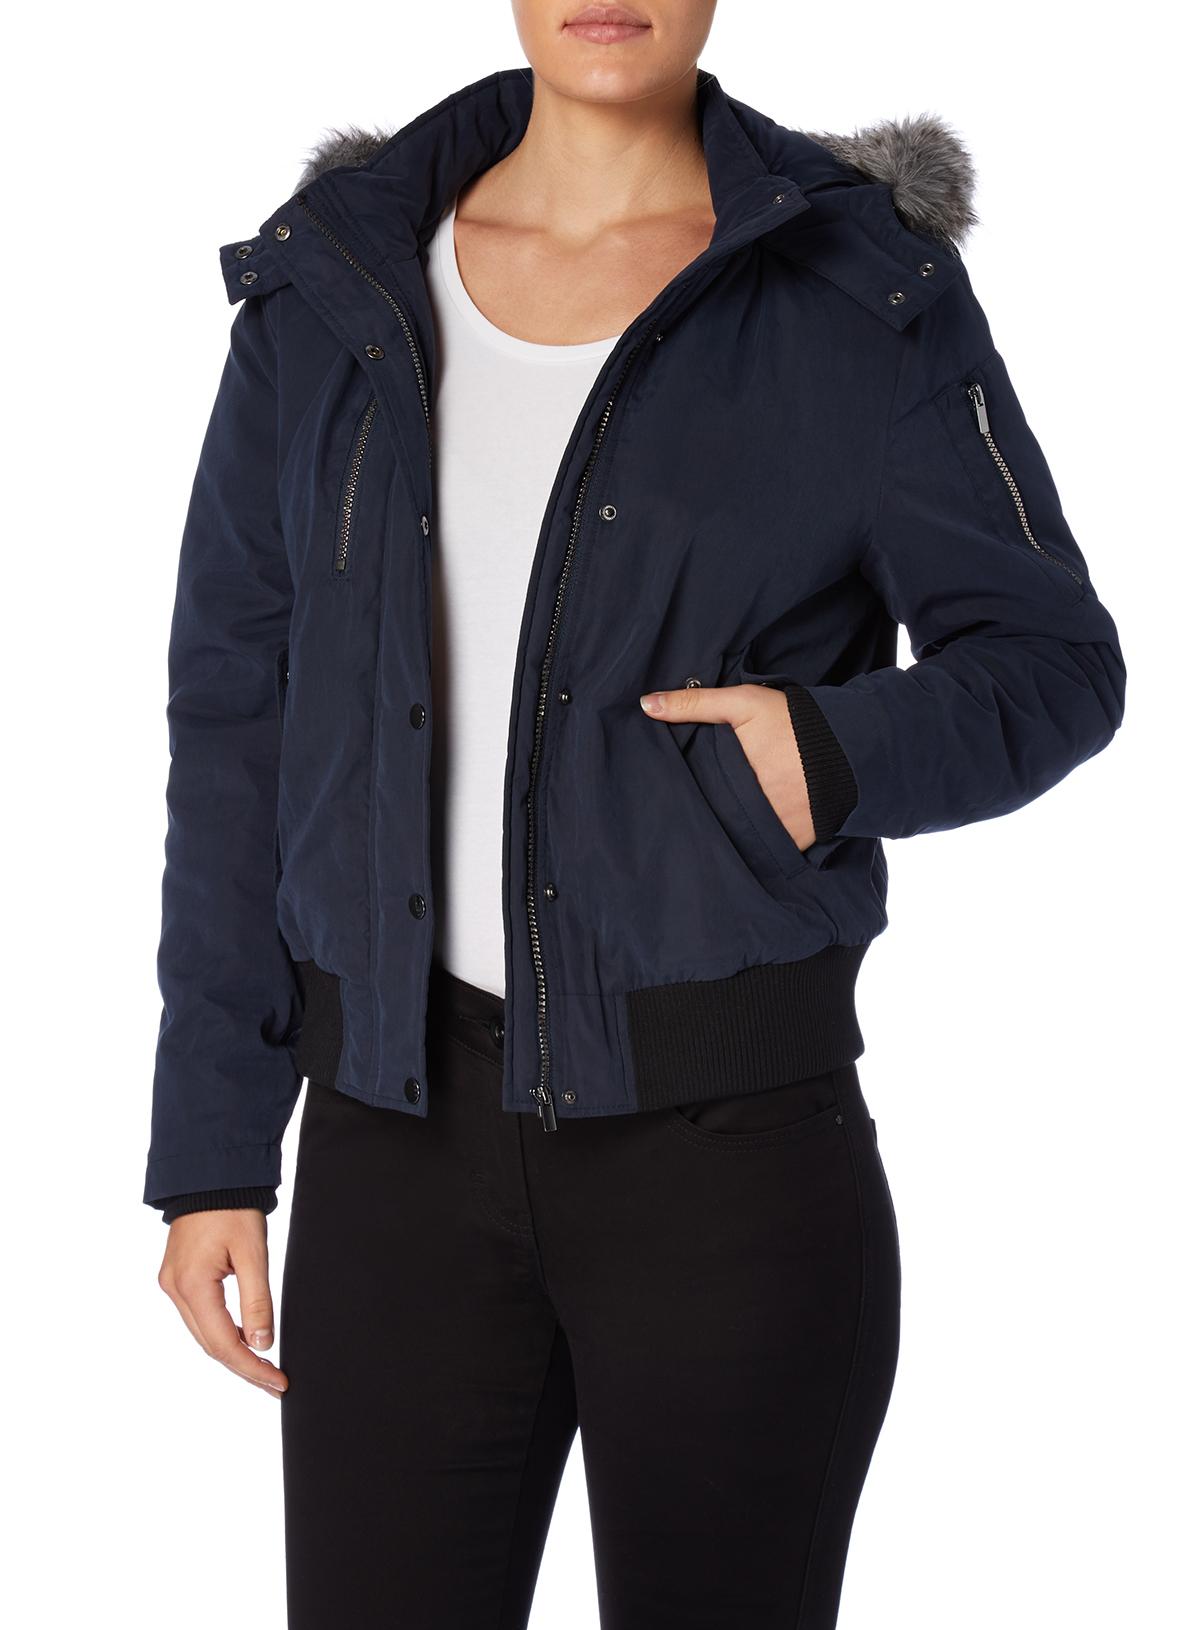 Womens Navy Hooded Bomber Jacket | Tu clothing